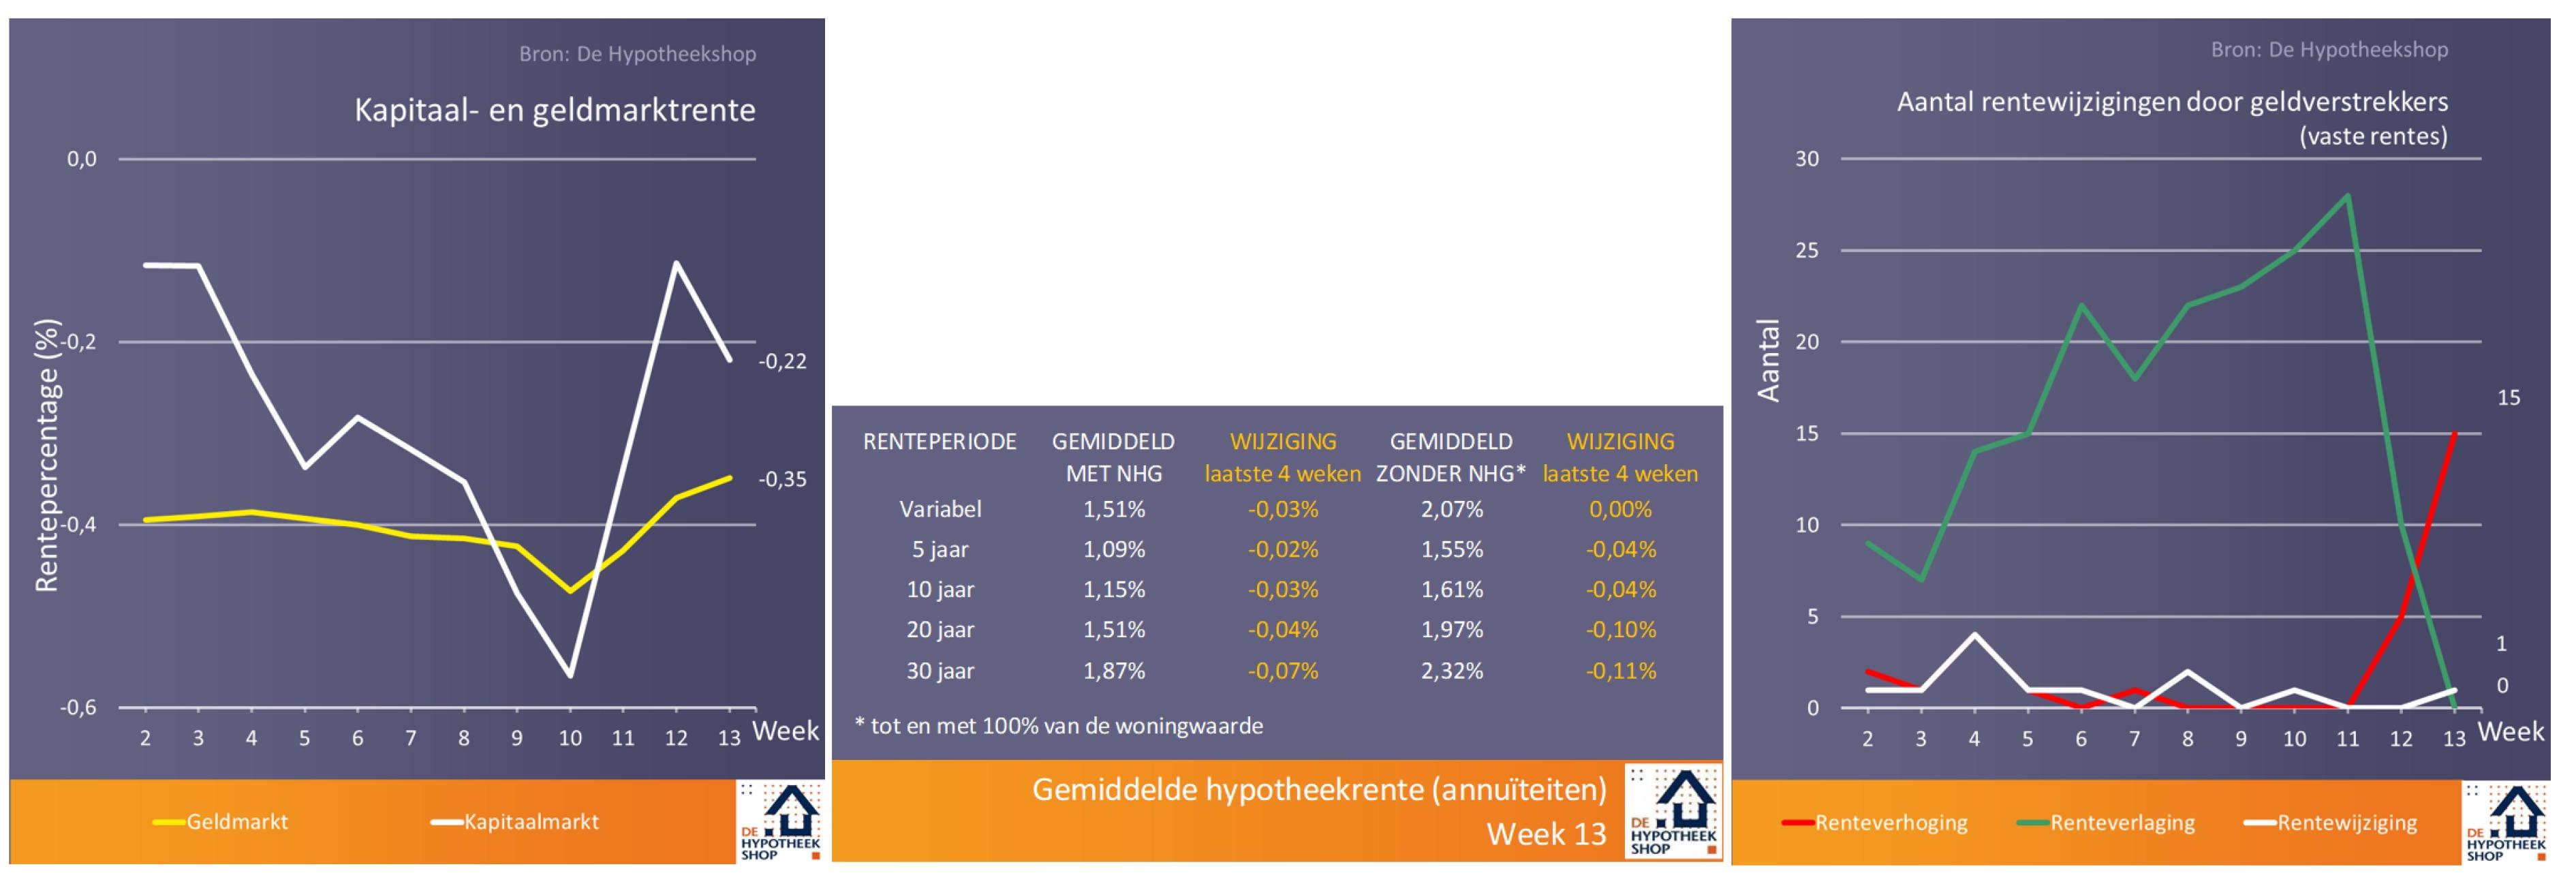 Hypotheekshop-Grafiek-week13